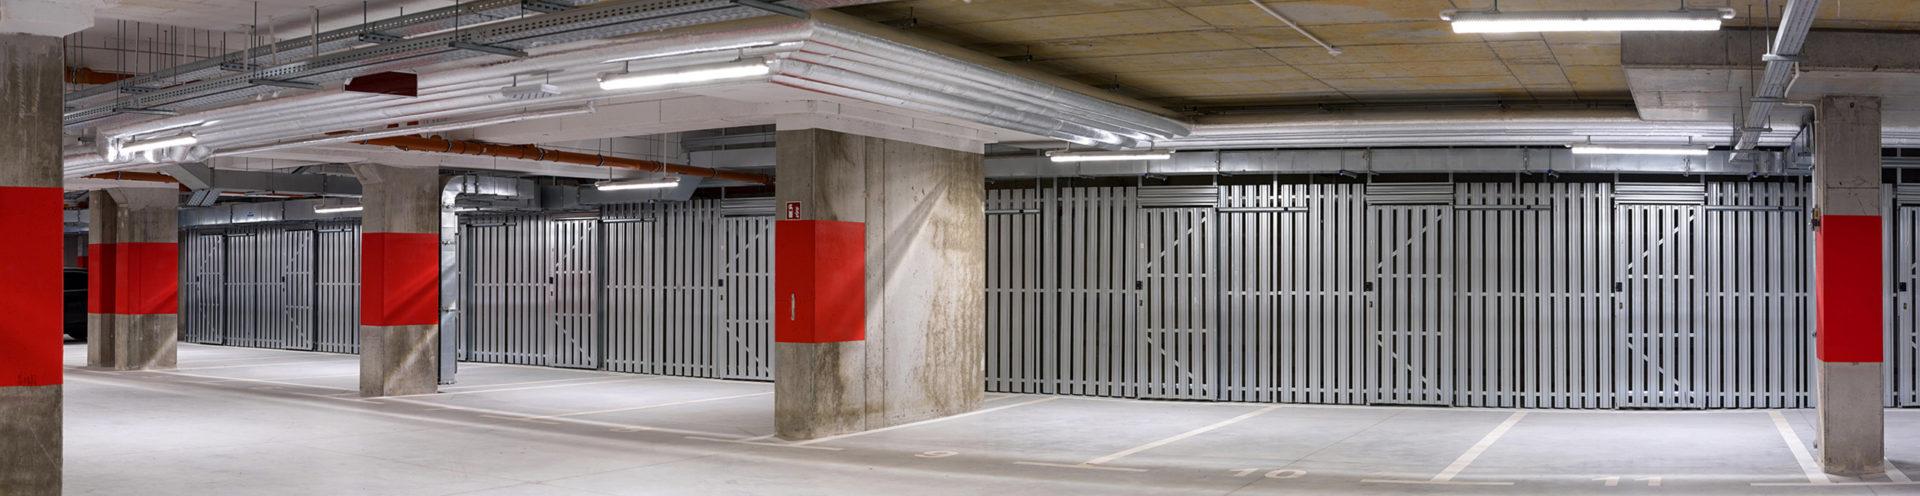 Abstellräume für Mehrfamilienhäuser